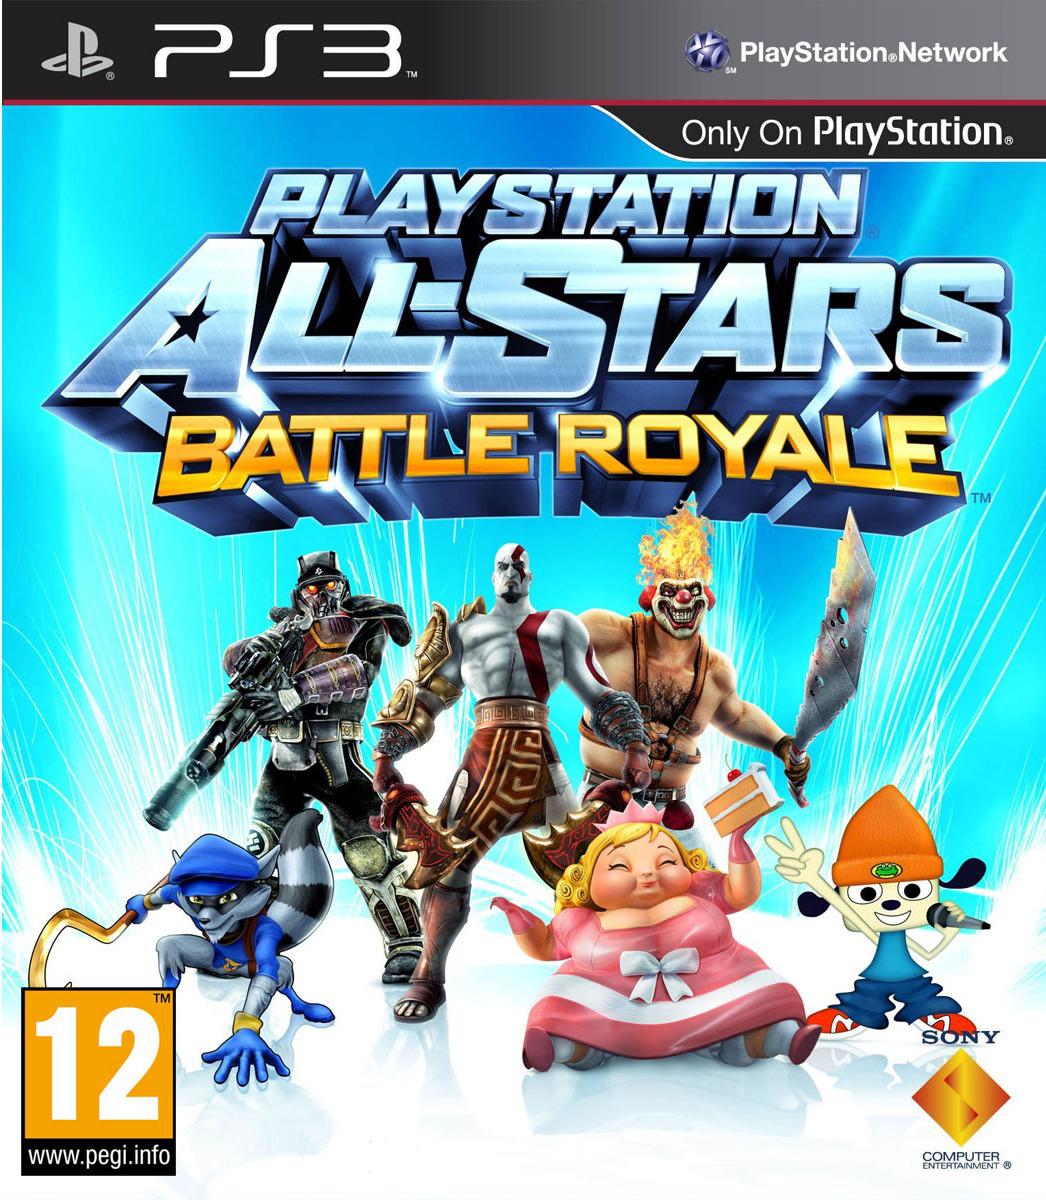 Playstation All-Stars Battle Royal pour PS3 & PS Vita (Cross buy) dématérialisé